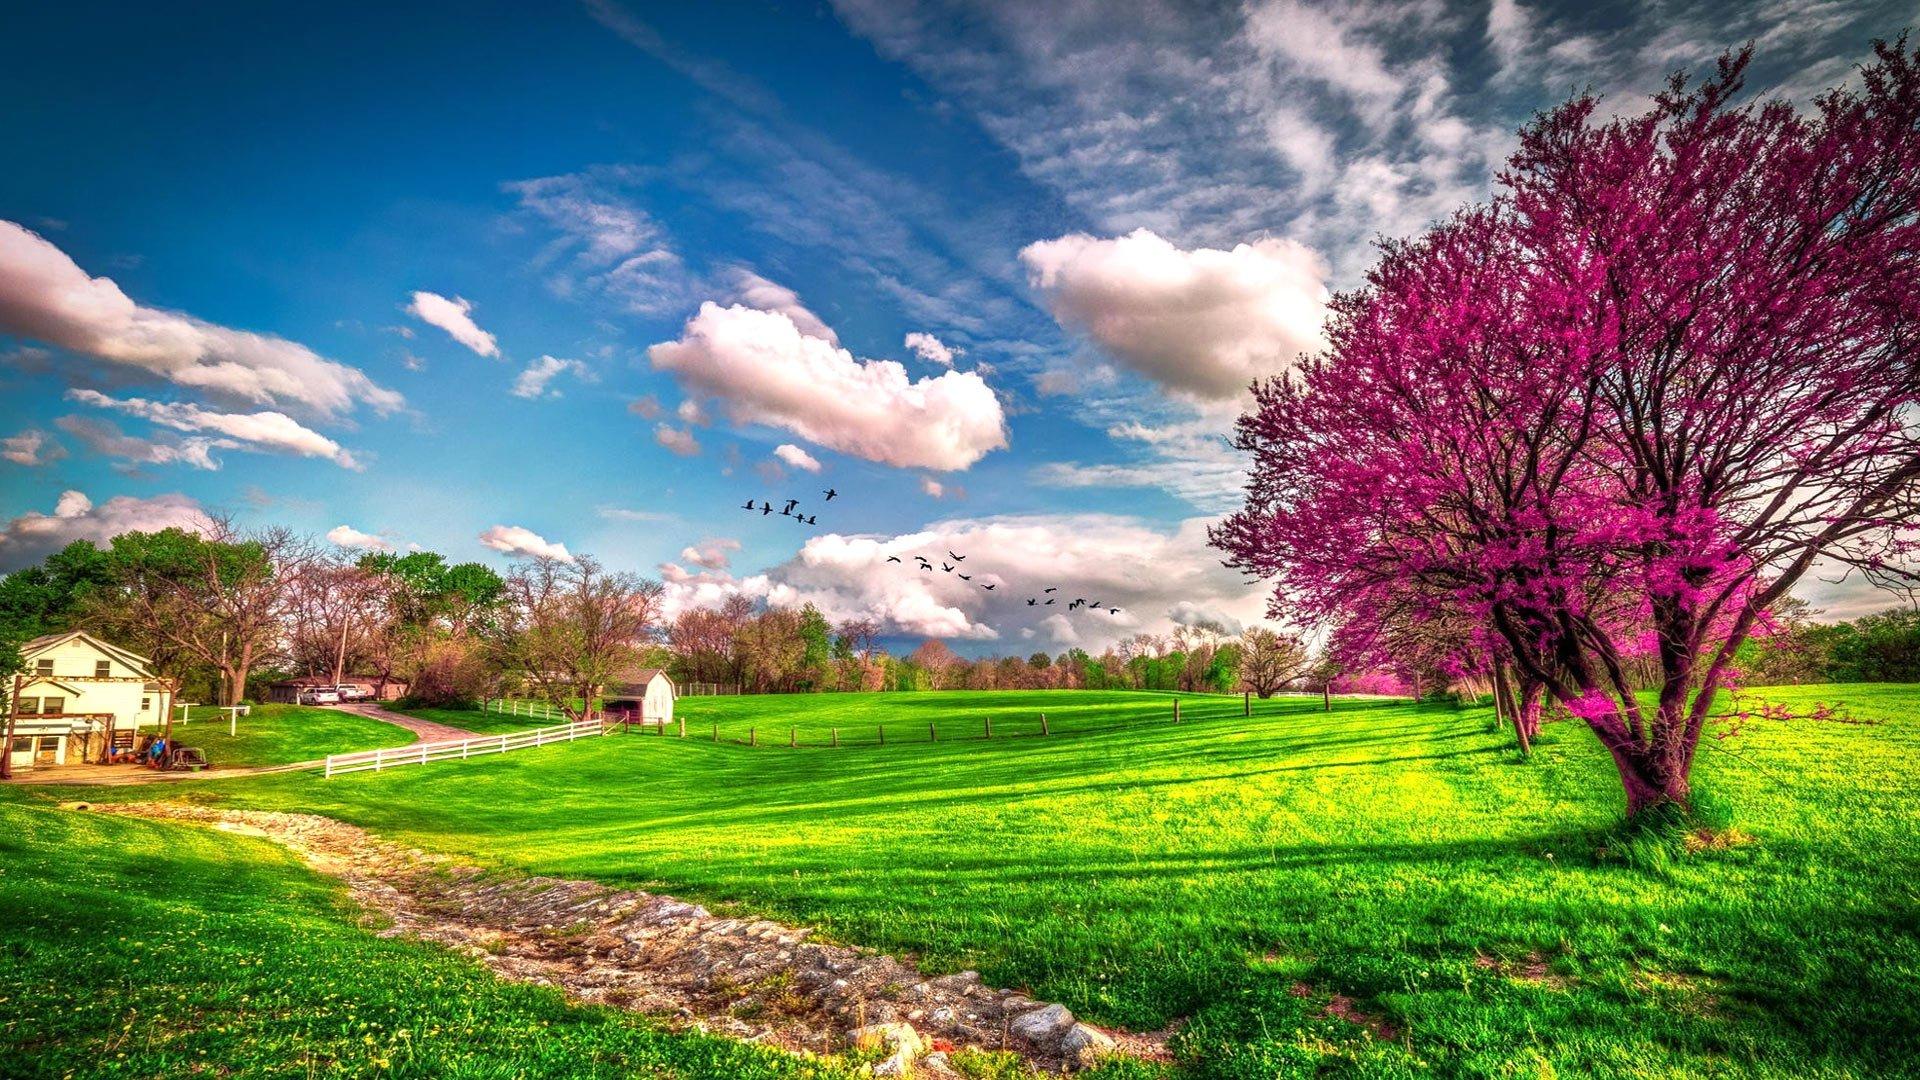 Весна... Подборка фото.  - Изображение 7